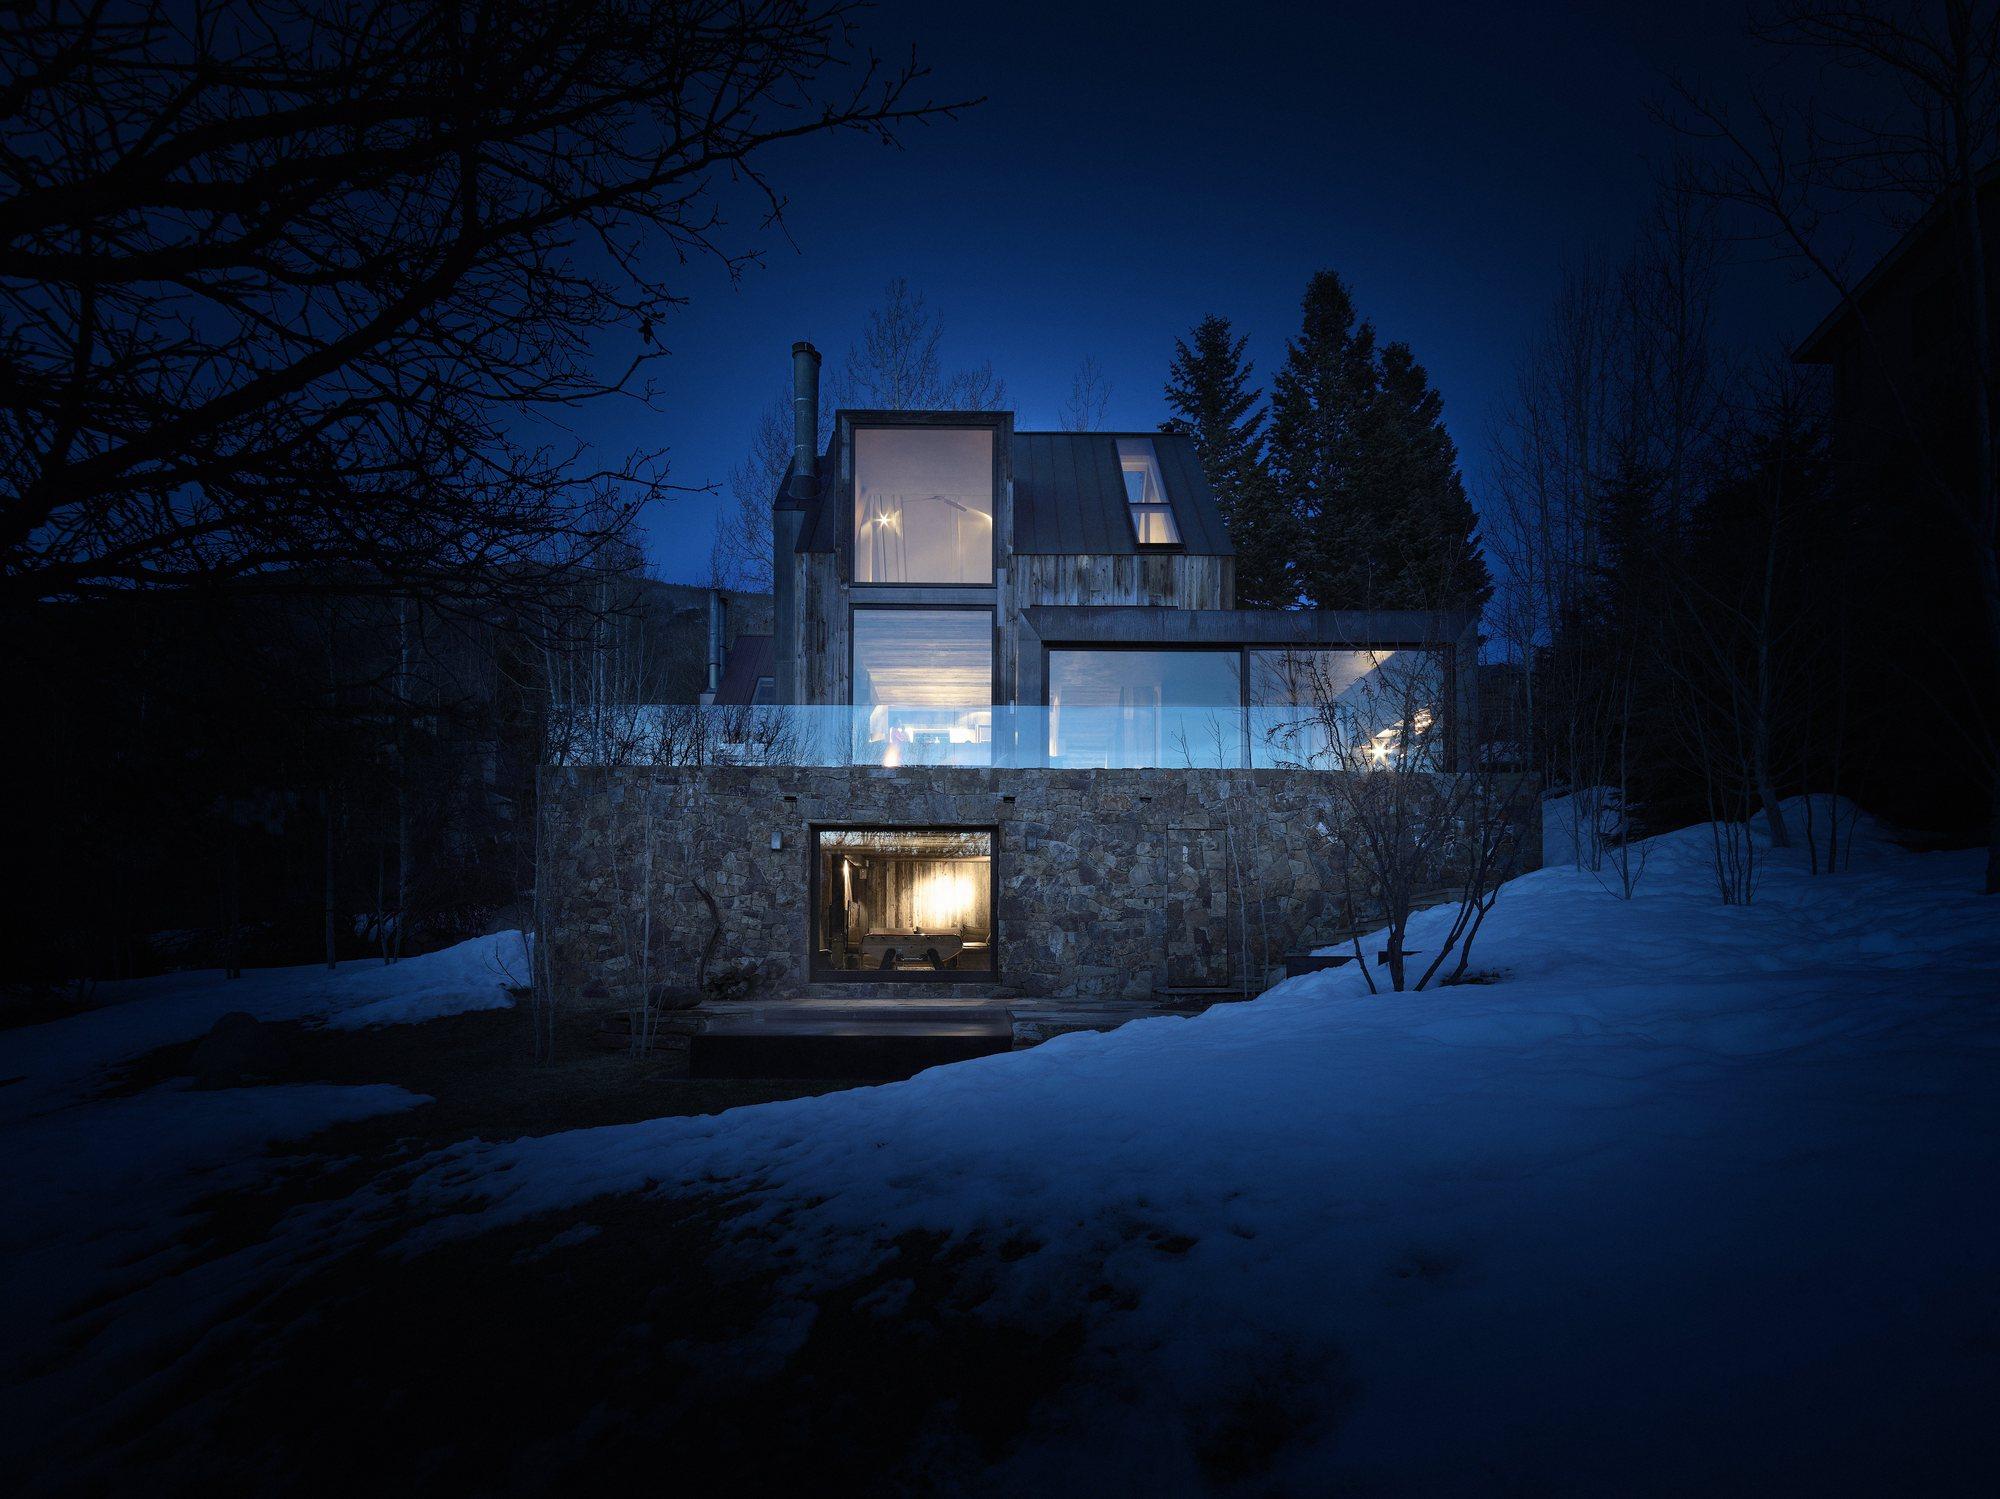 La Muna / Oppenheim Architecture + Design, Laziz Hamani